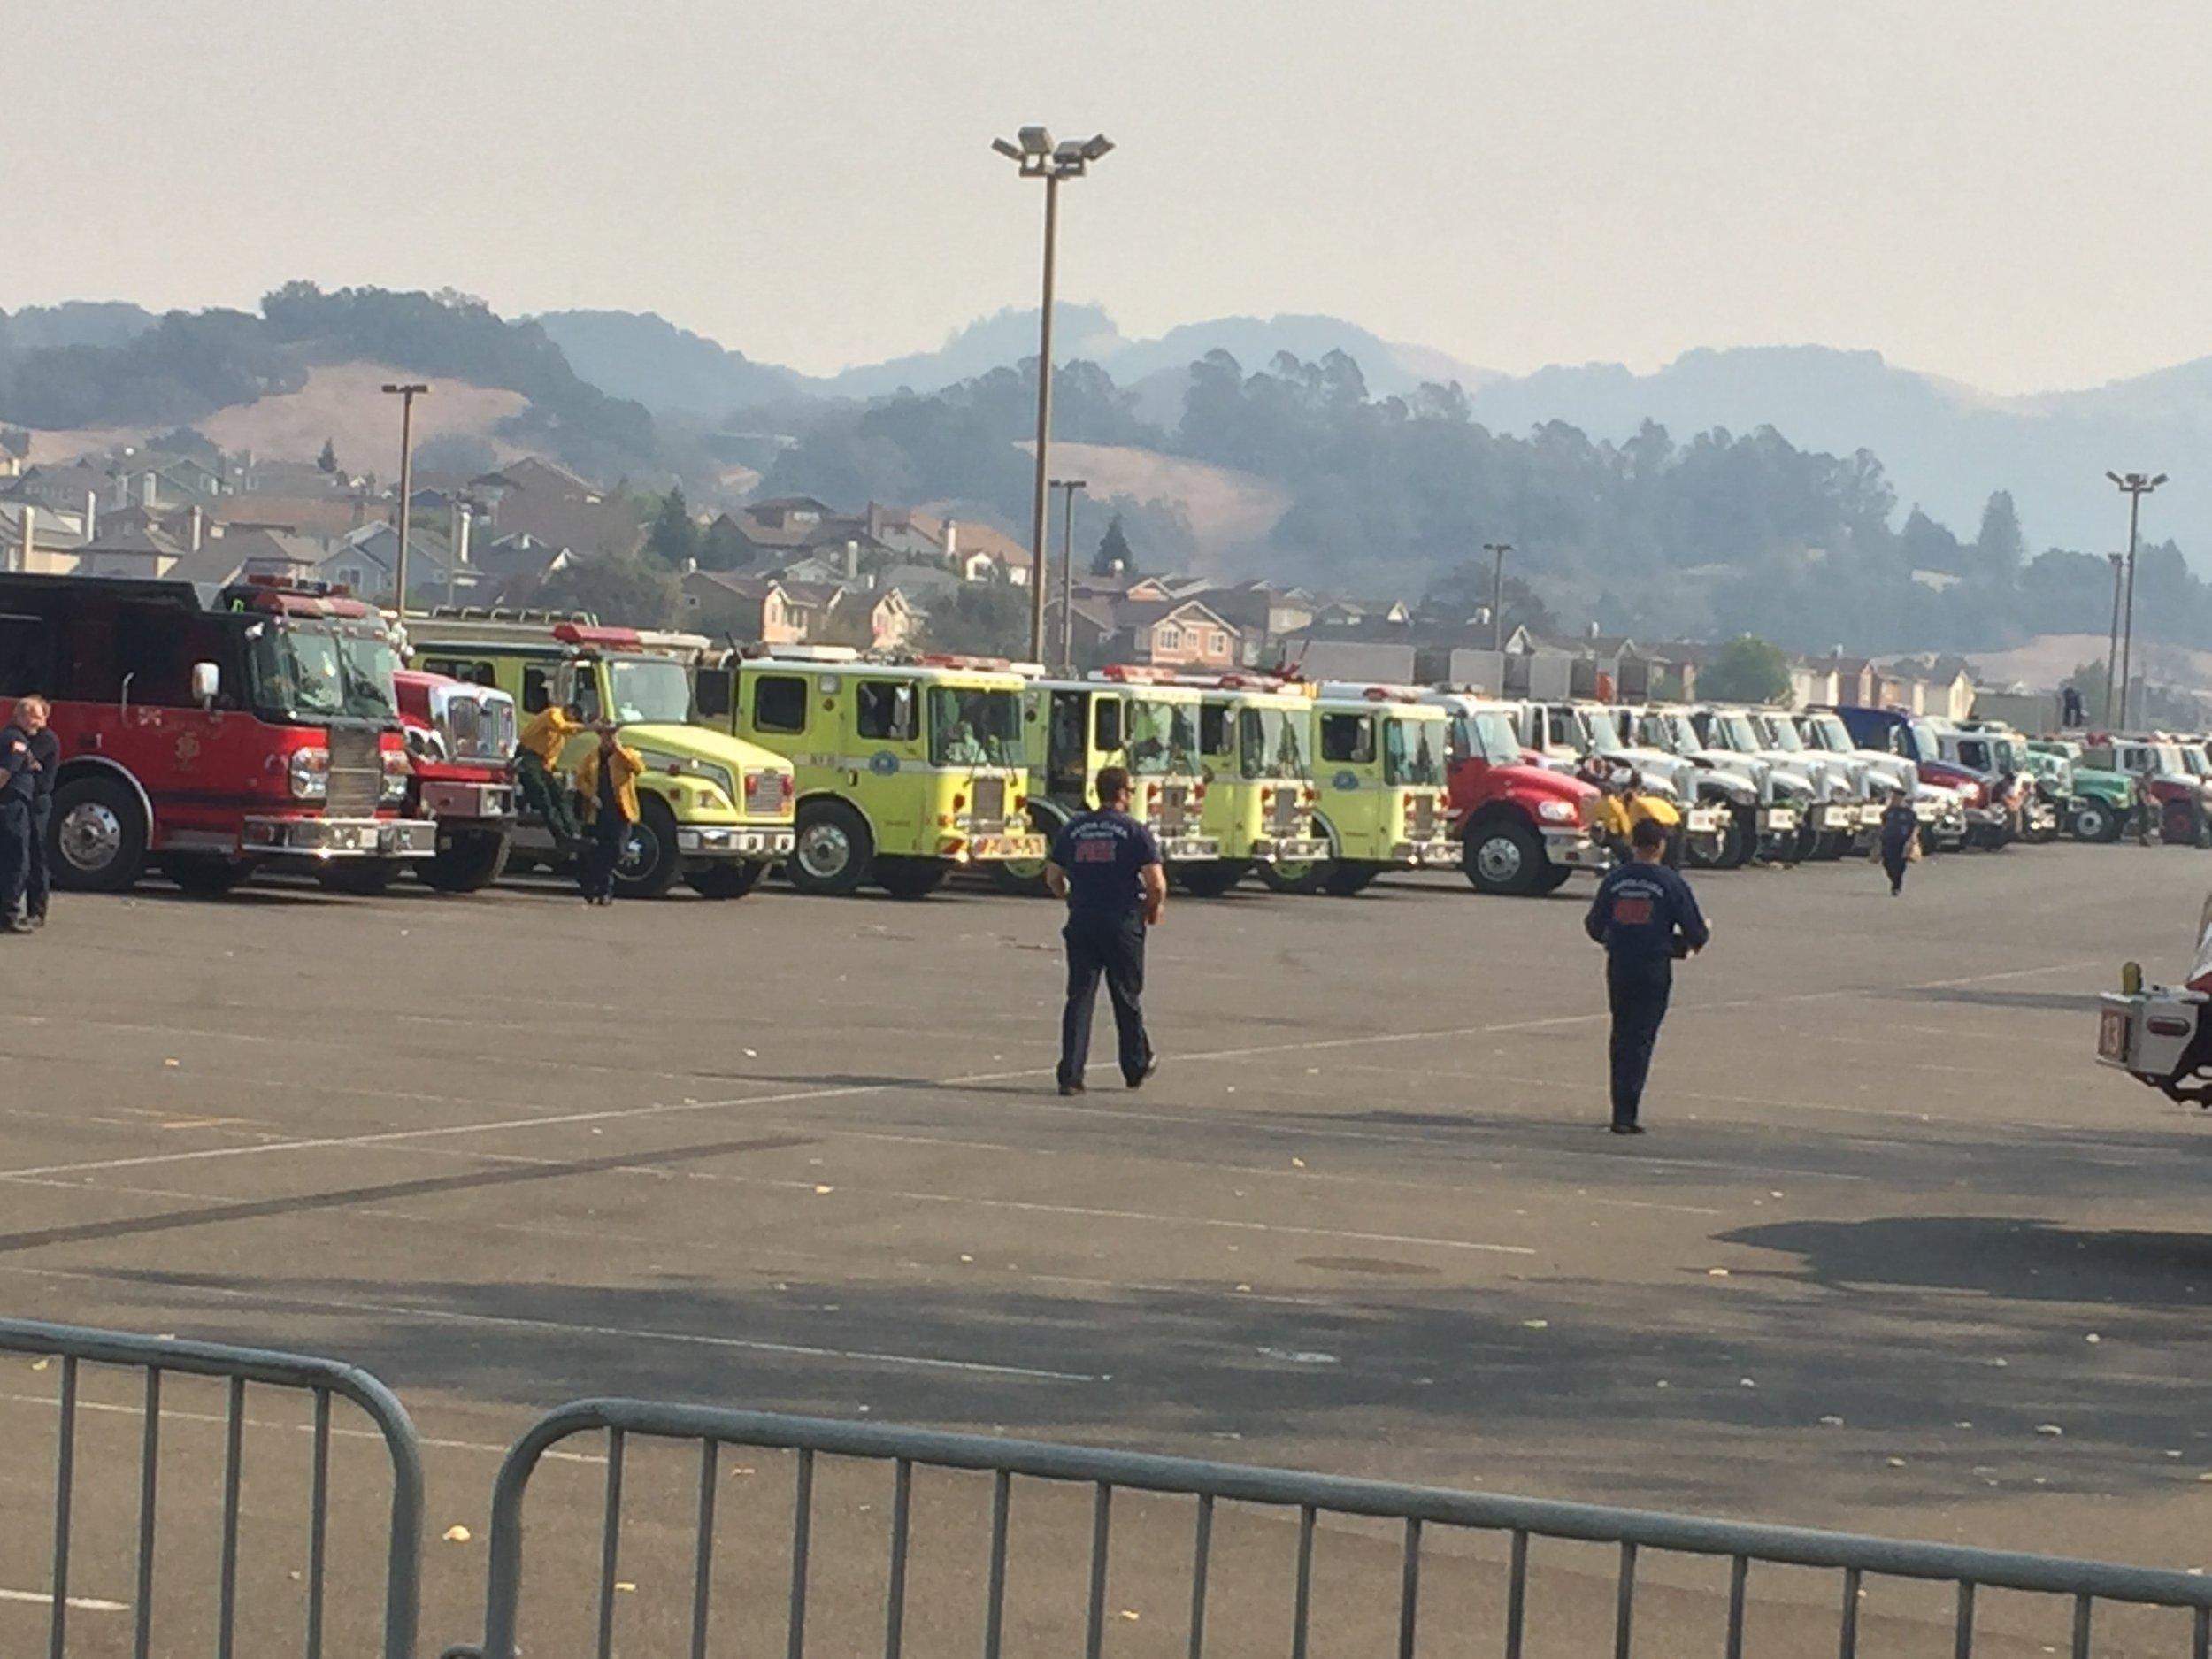 Santa Monica Fairgrounds Response Center Northbay fires 4.jpg